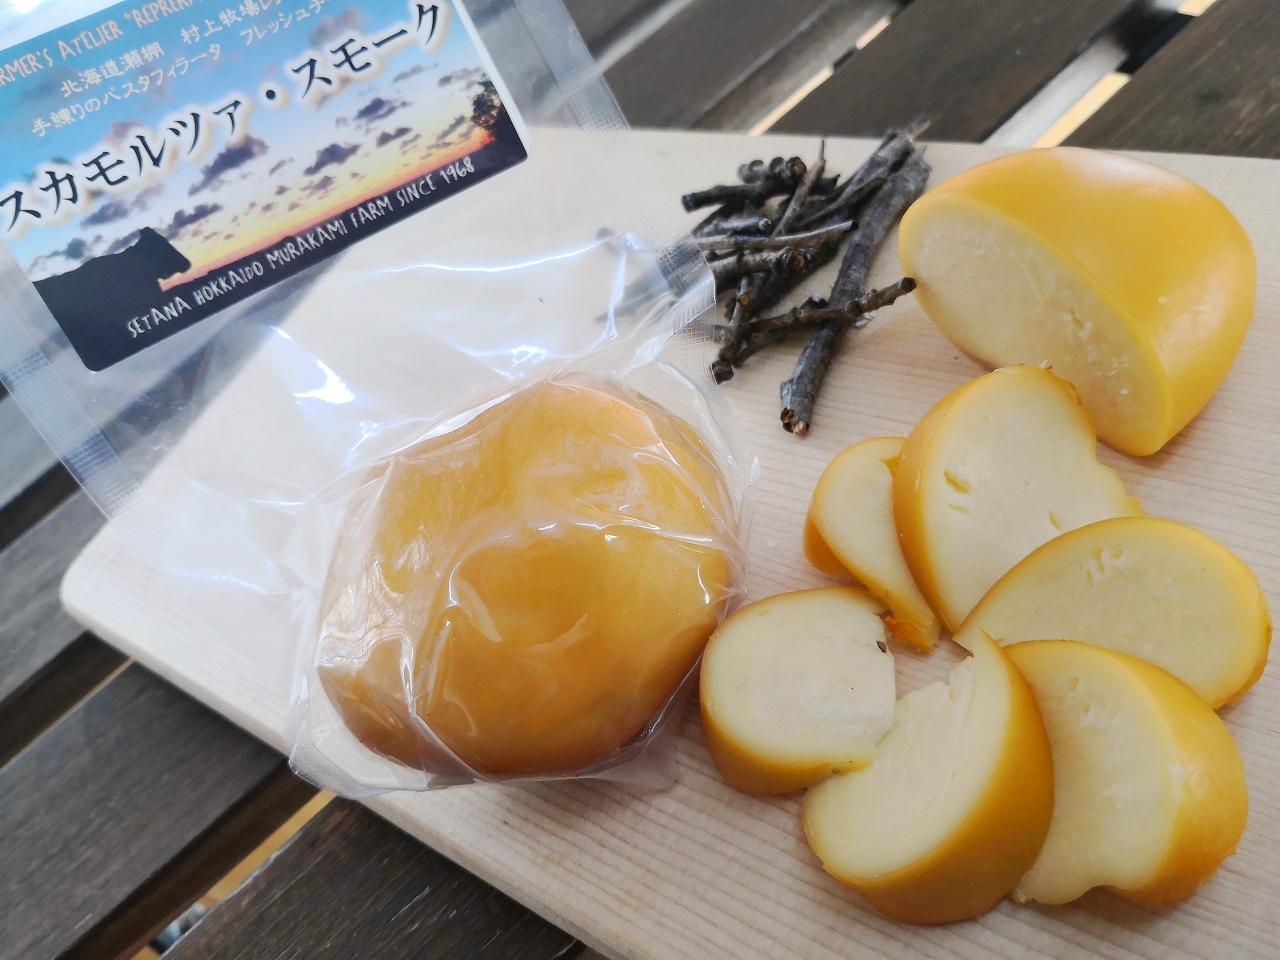 <p>フレッシュチーズ 90g<br><br>モッツァレラを塩水に漬けた後、乾燥熟成させたスカモルツァを、燻製したものです。<br>カチョカバロと似た作りになっています。そのままおつまみとしたり、トースト、ピザ、グラタンなど過熱料理でとろけておいしく召し上がれます。<br></p>